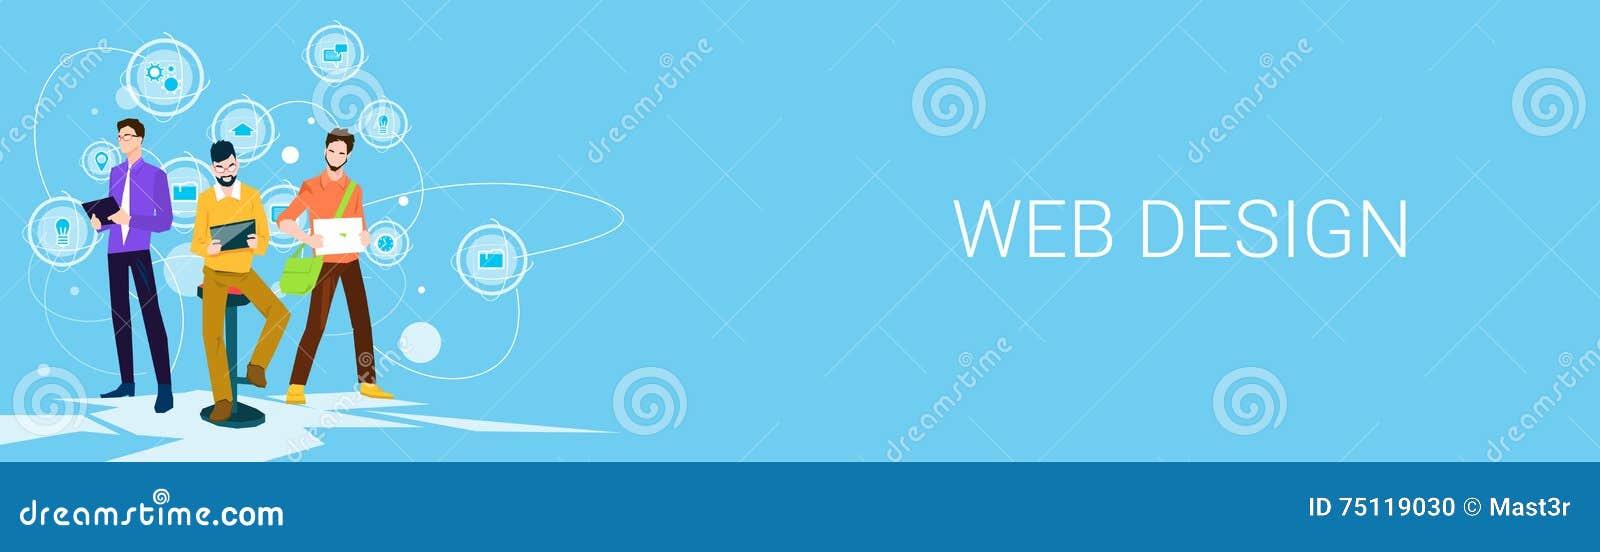 Espacio de Business People Team Working Banner With Copy del diseñador web